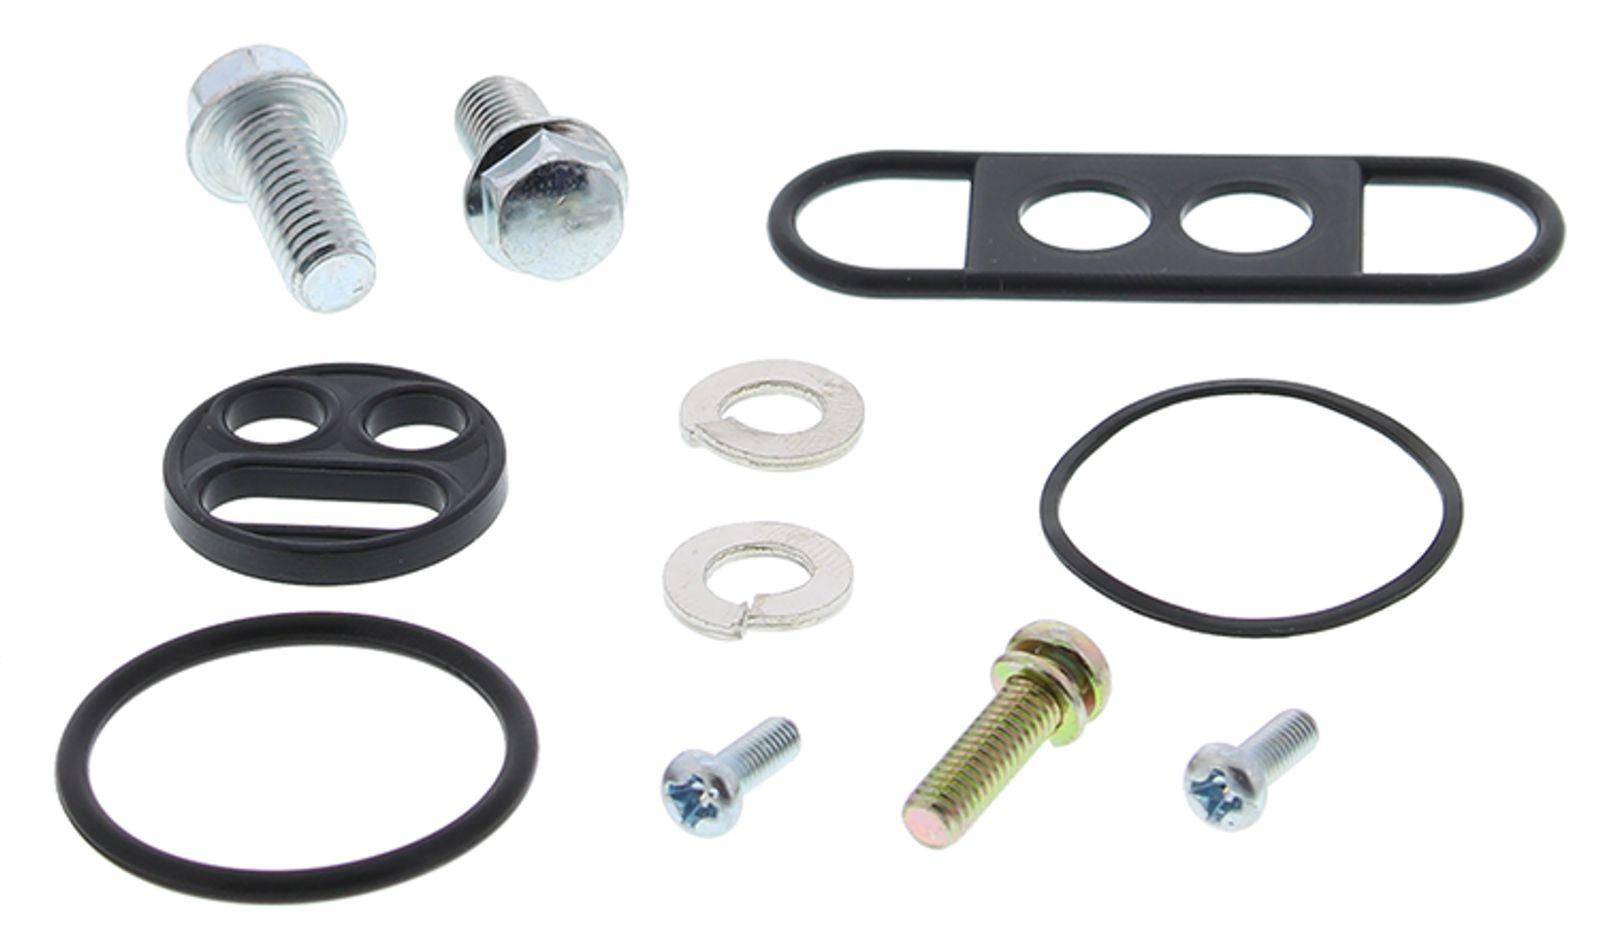 Wrp Fuel Tap Repair Kits - WRP601013 image